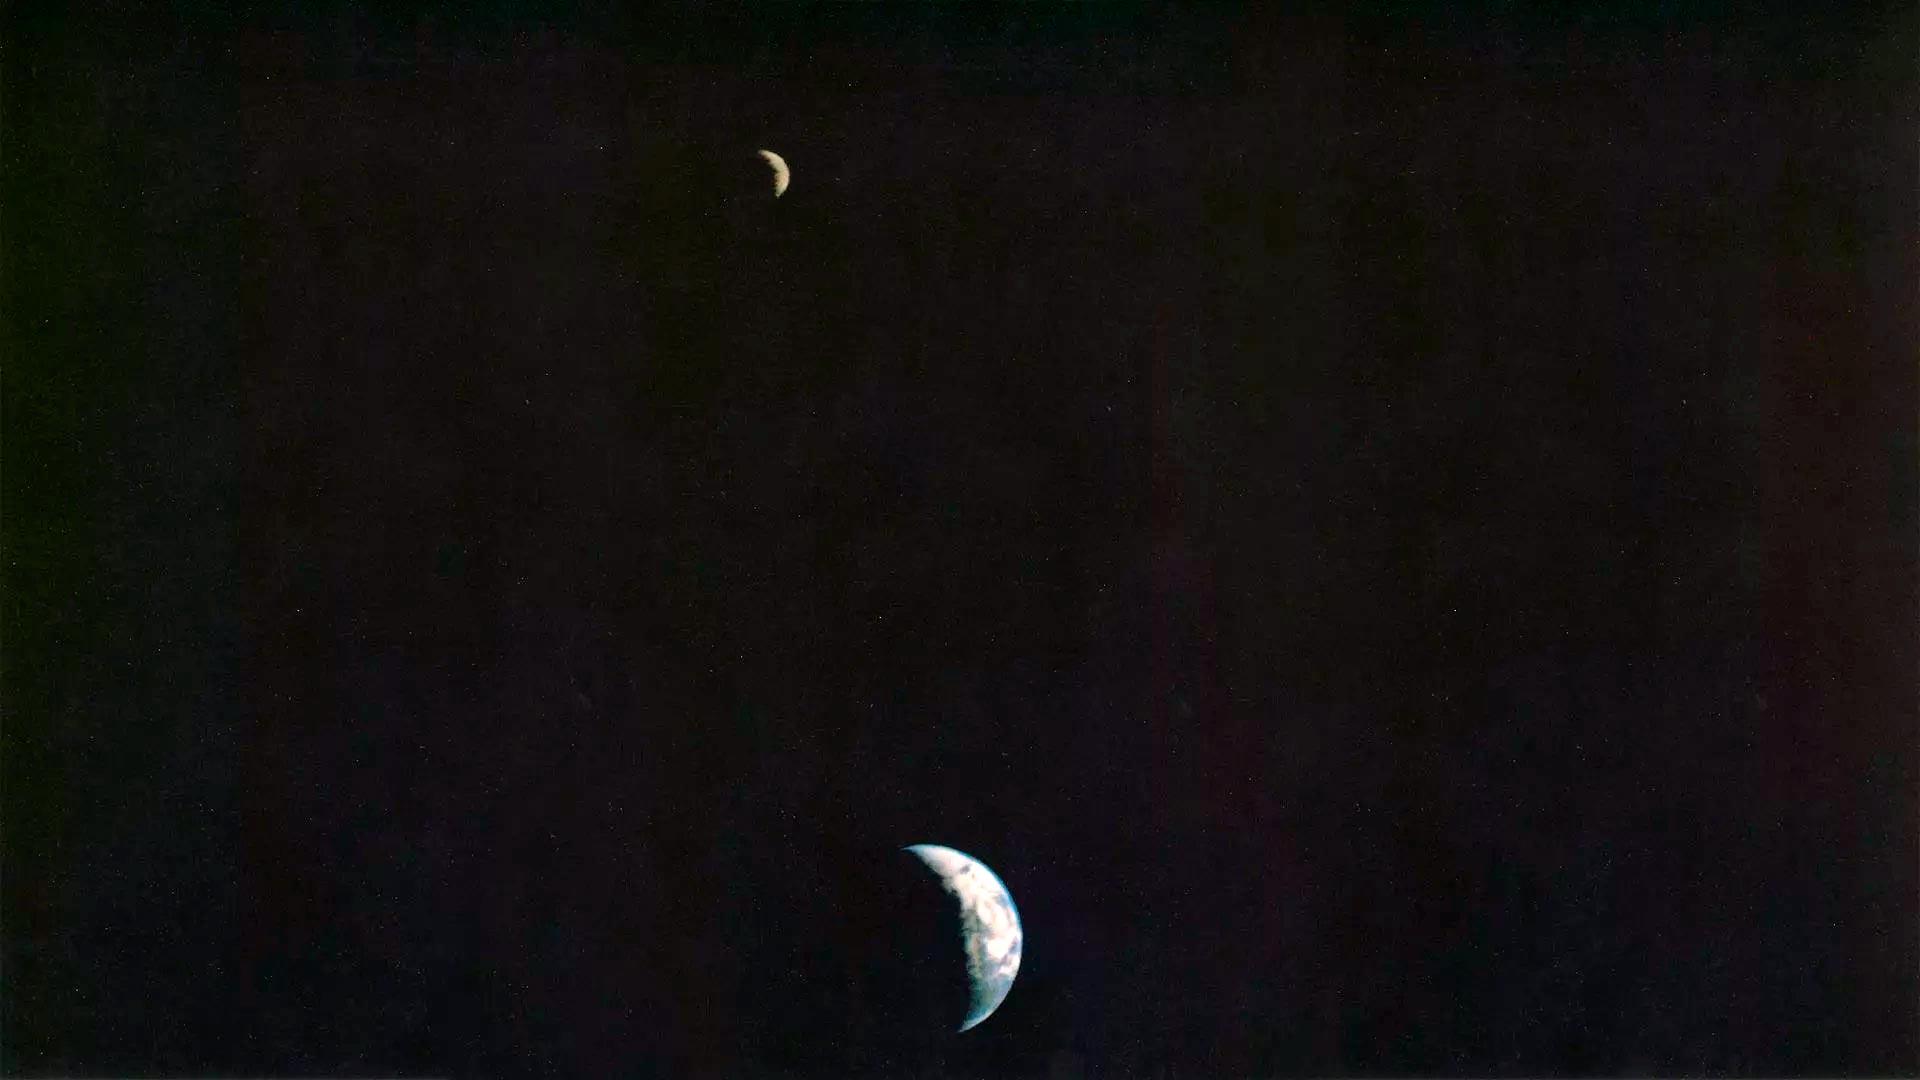 Один из снимков «Вояджера-1», где одновременно запечатлены Земля и Луна